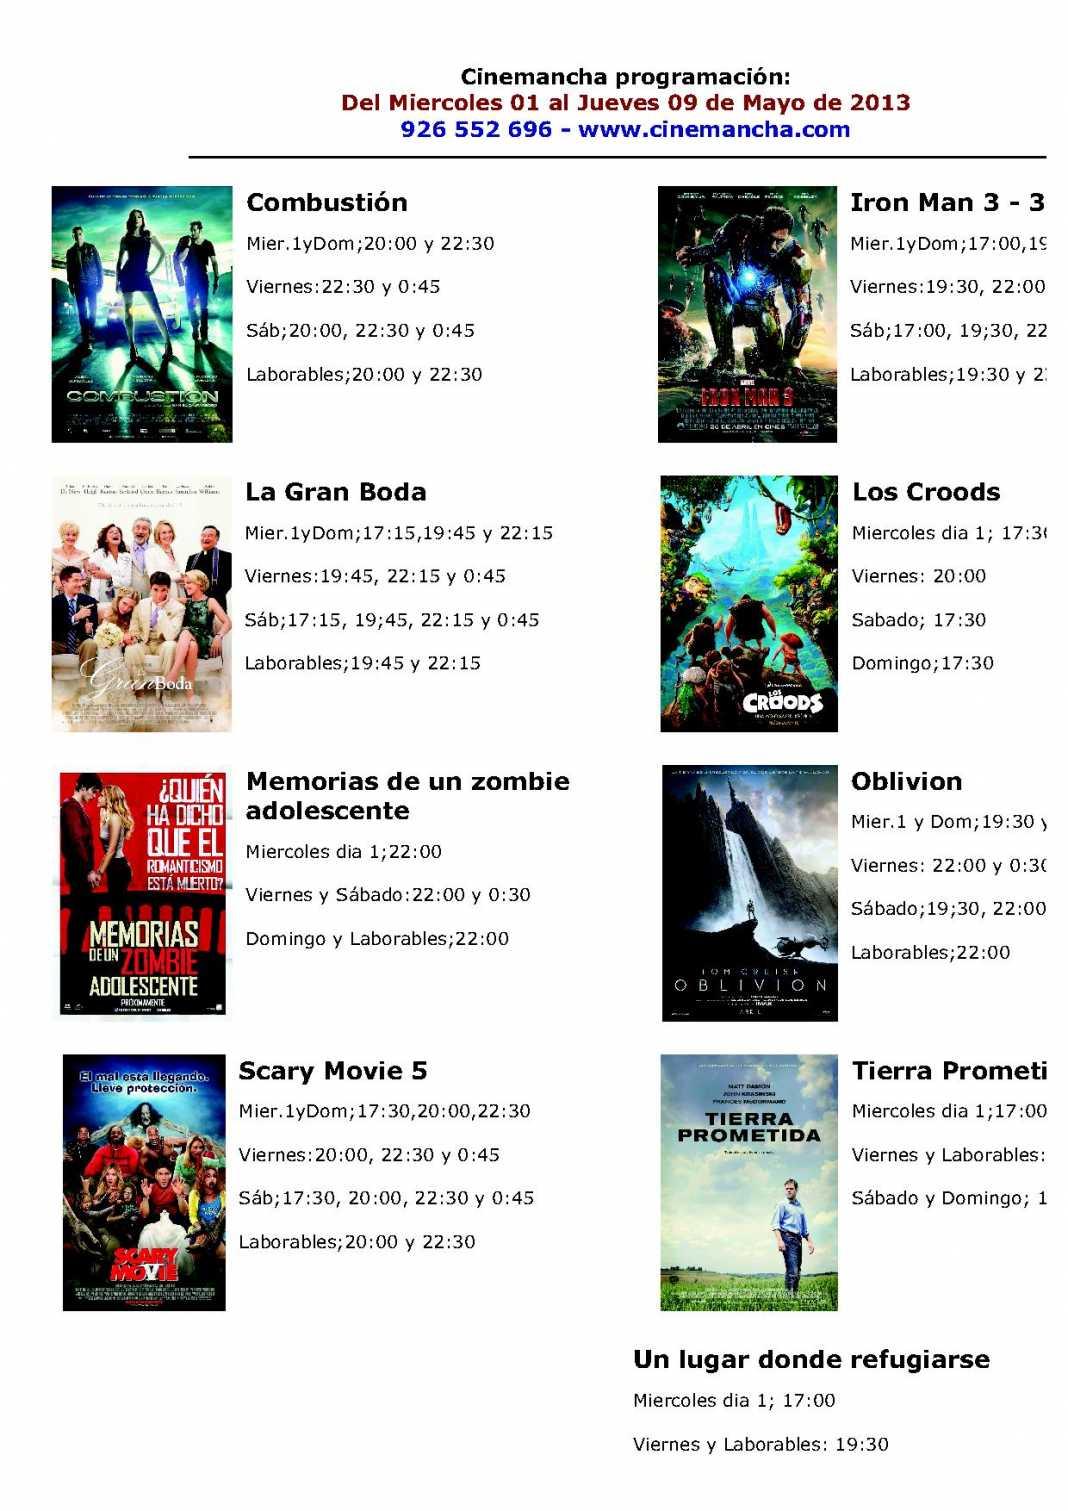 cartelera de cinemancha del 01 al 09 de mayo 1068x1511 - Programación Cinemancha miércoles 1 al 9 de mayo.